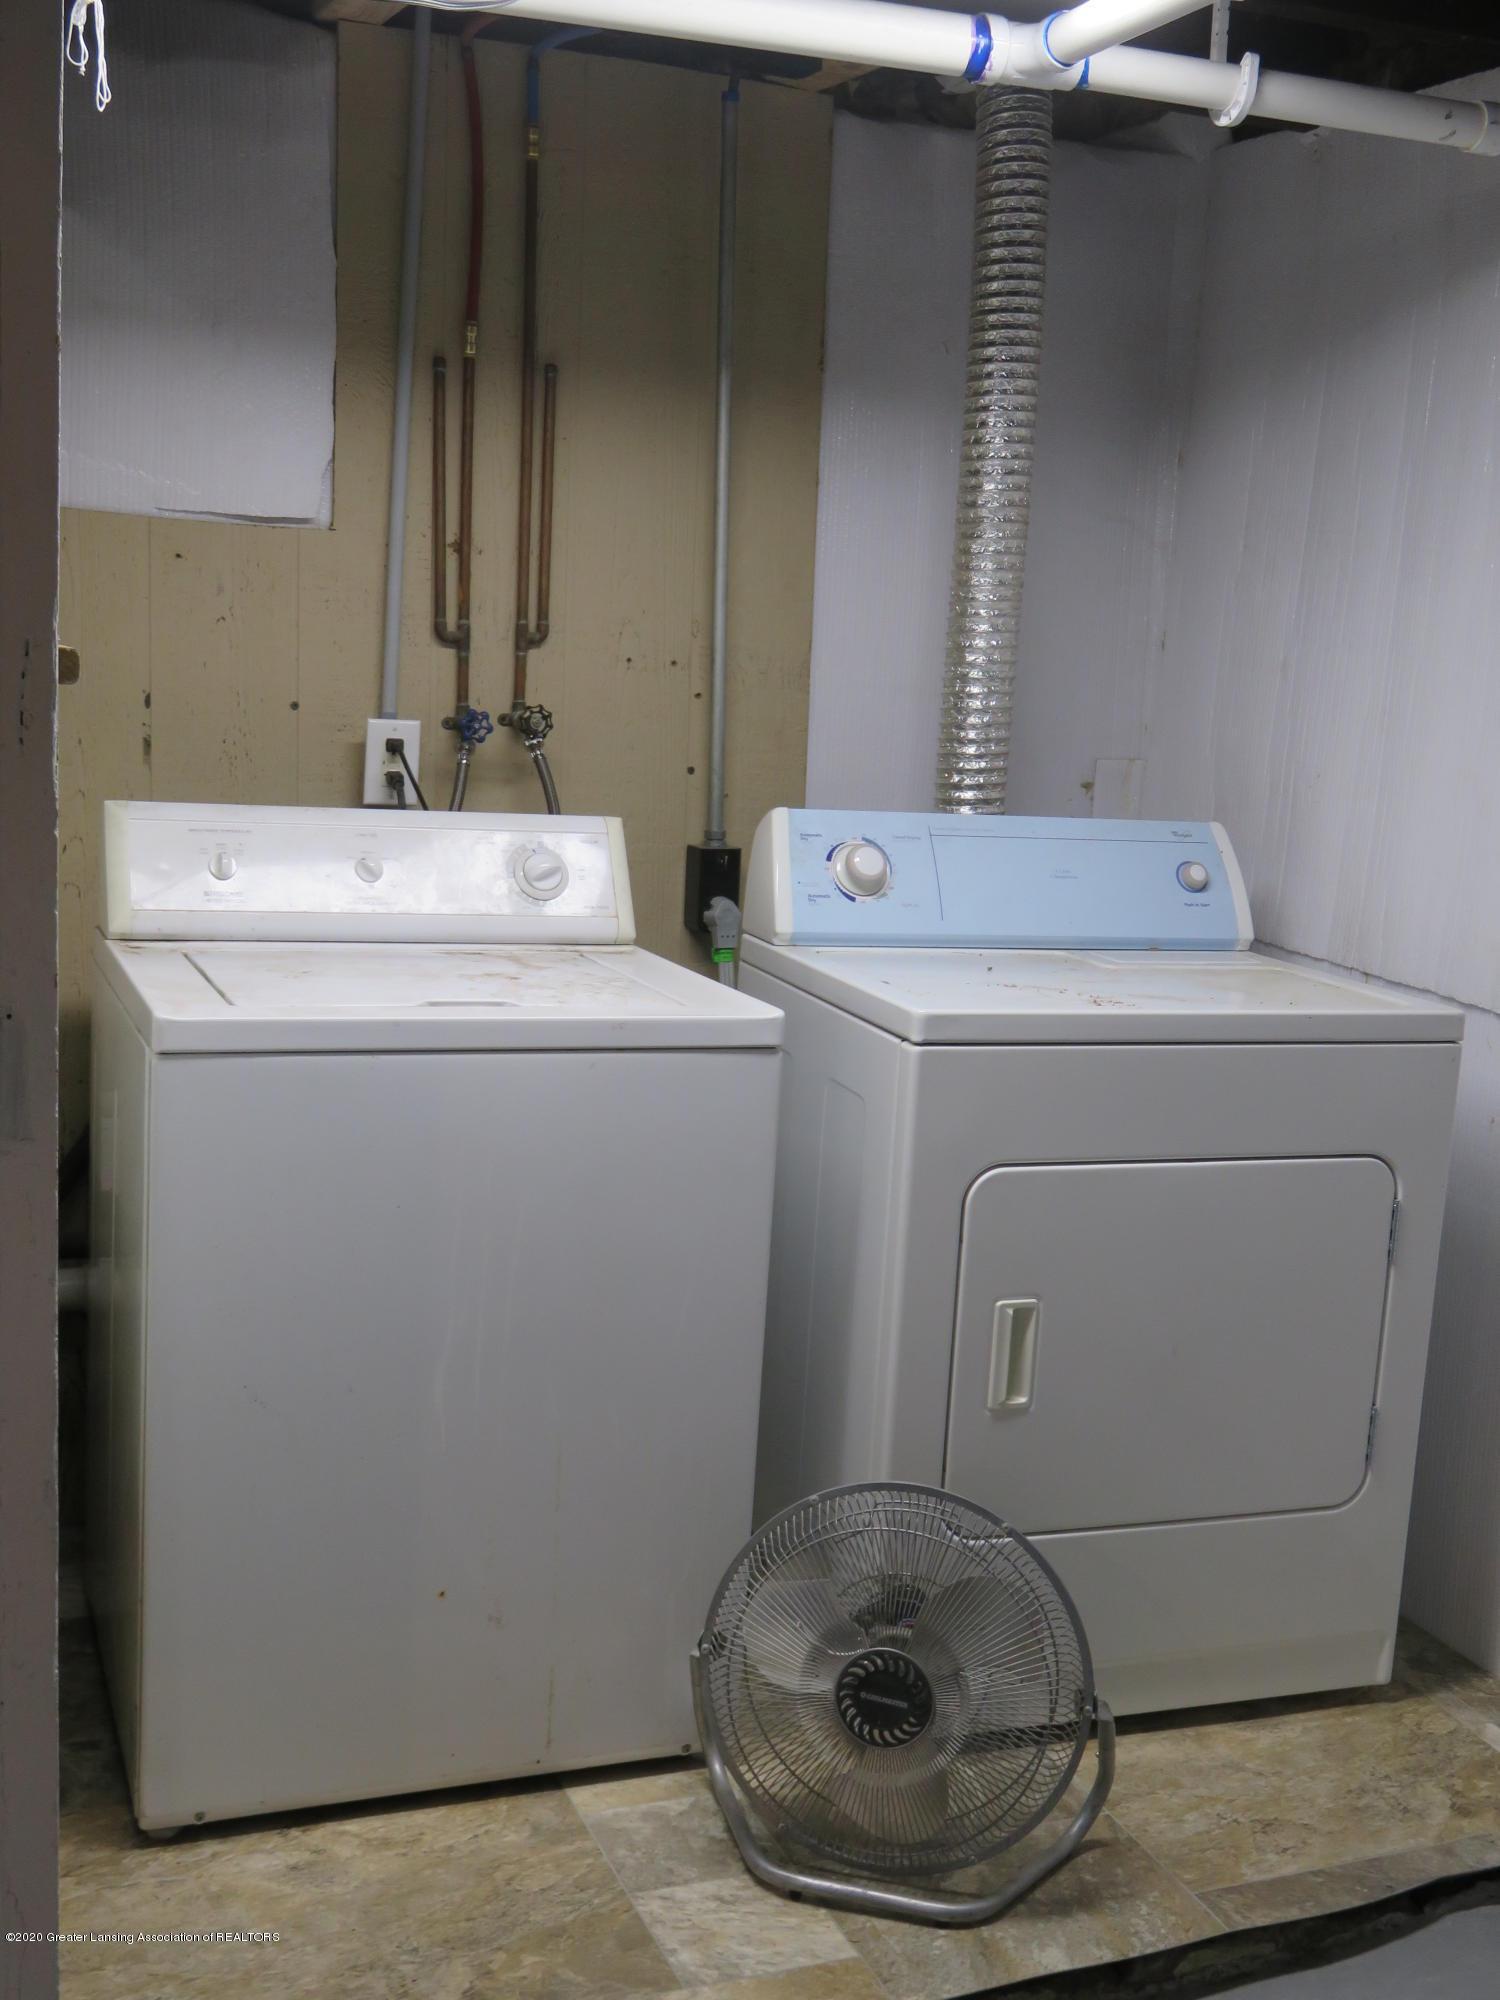 1216 Eureka St - Laundry Area - 25